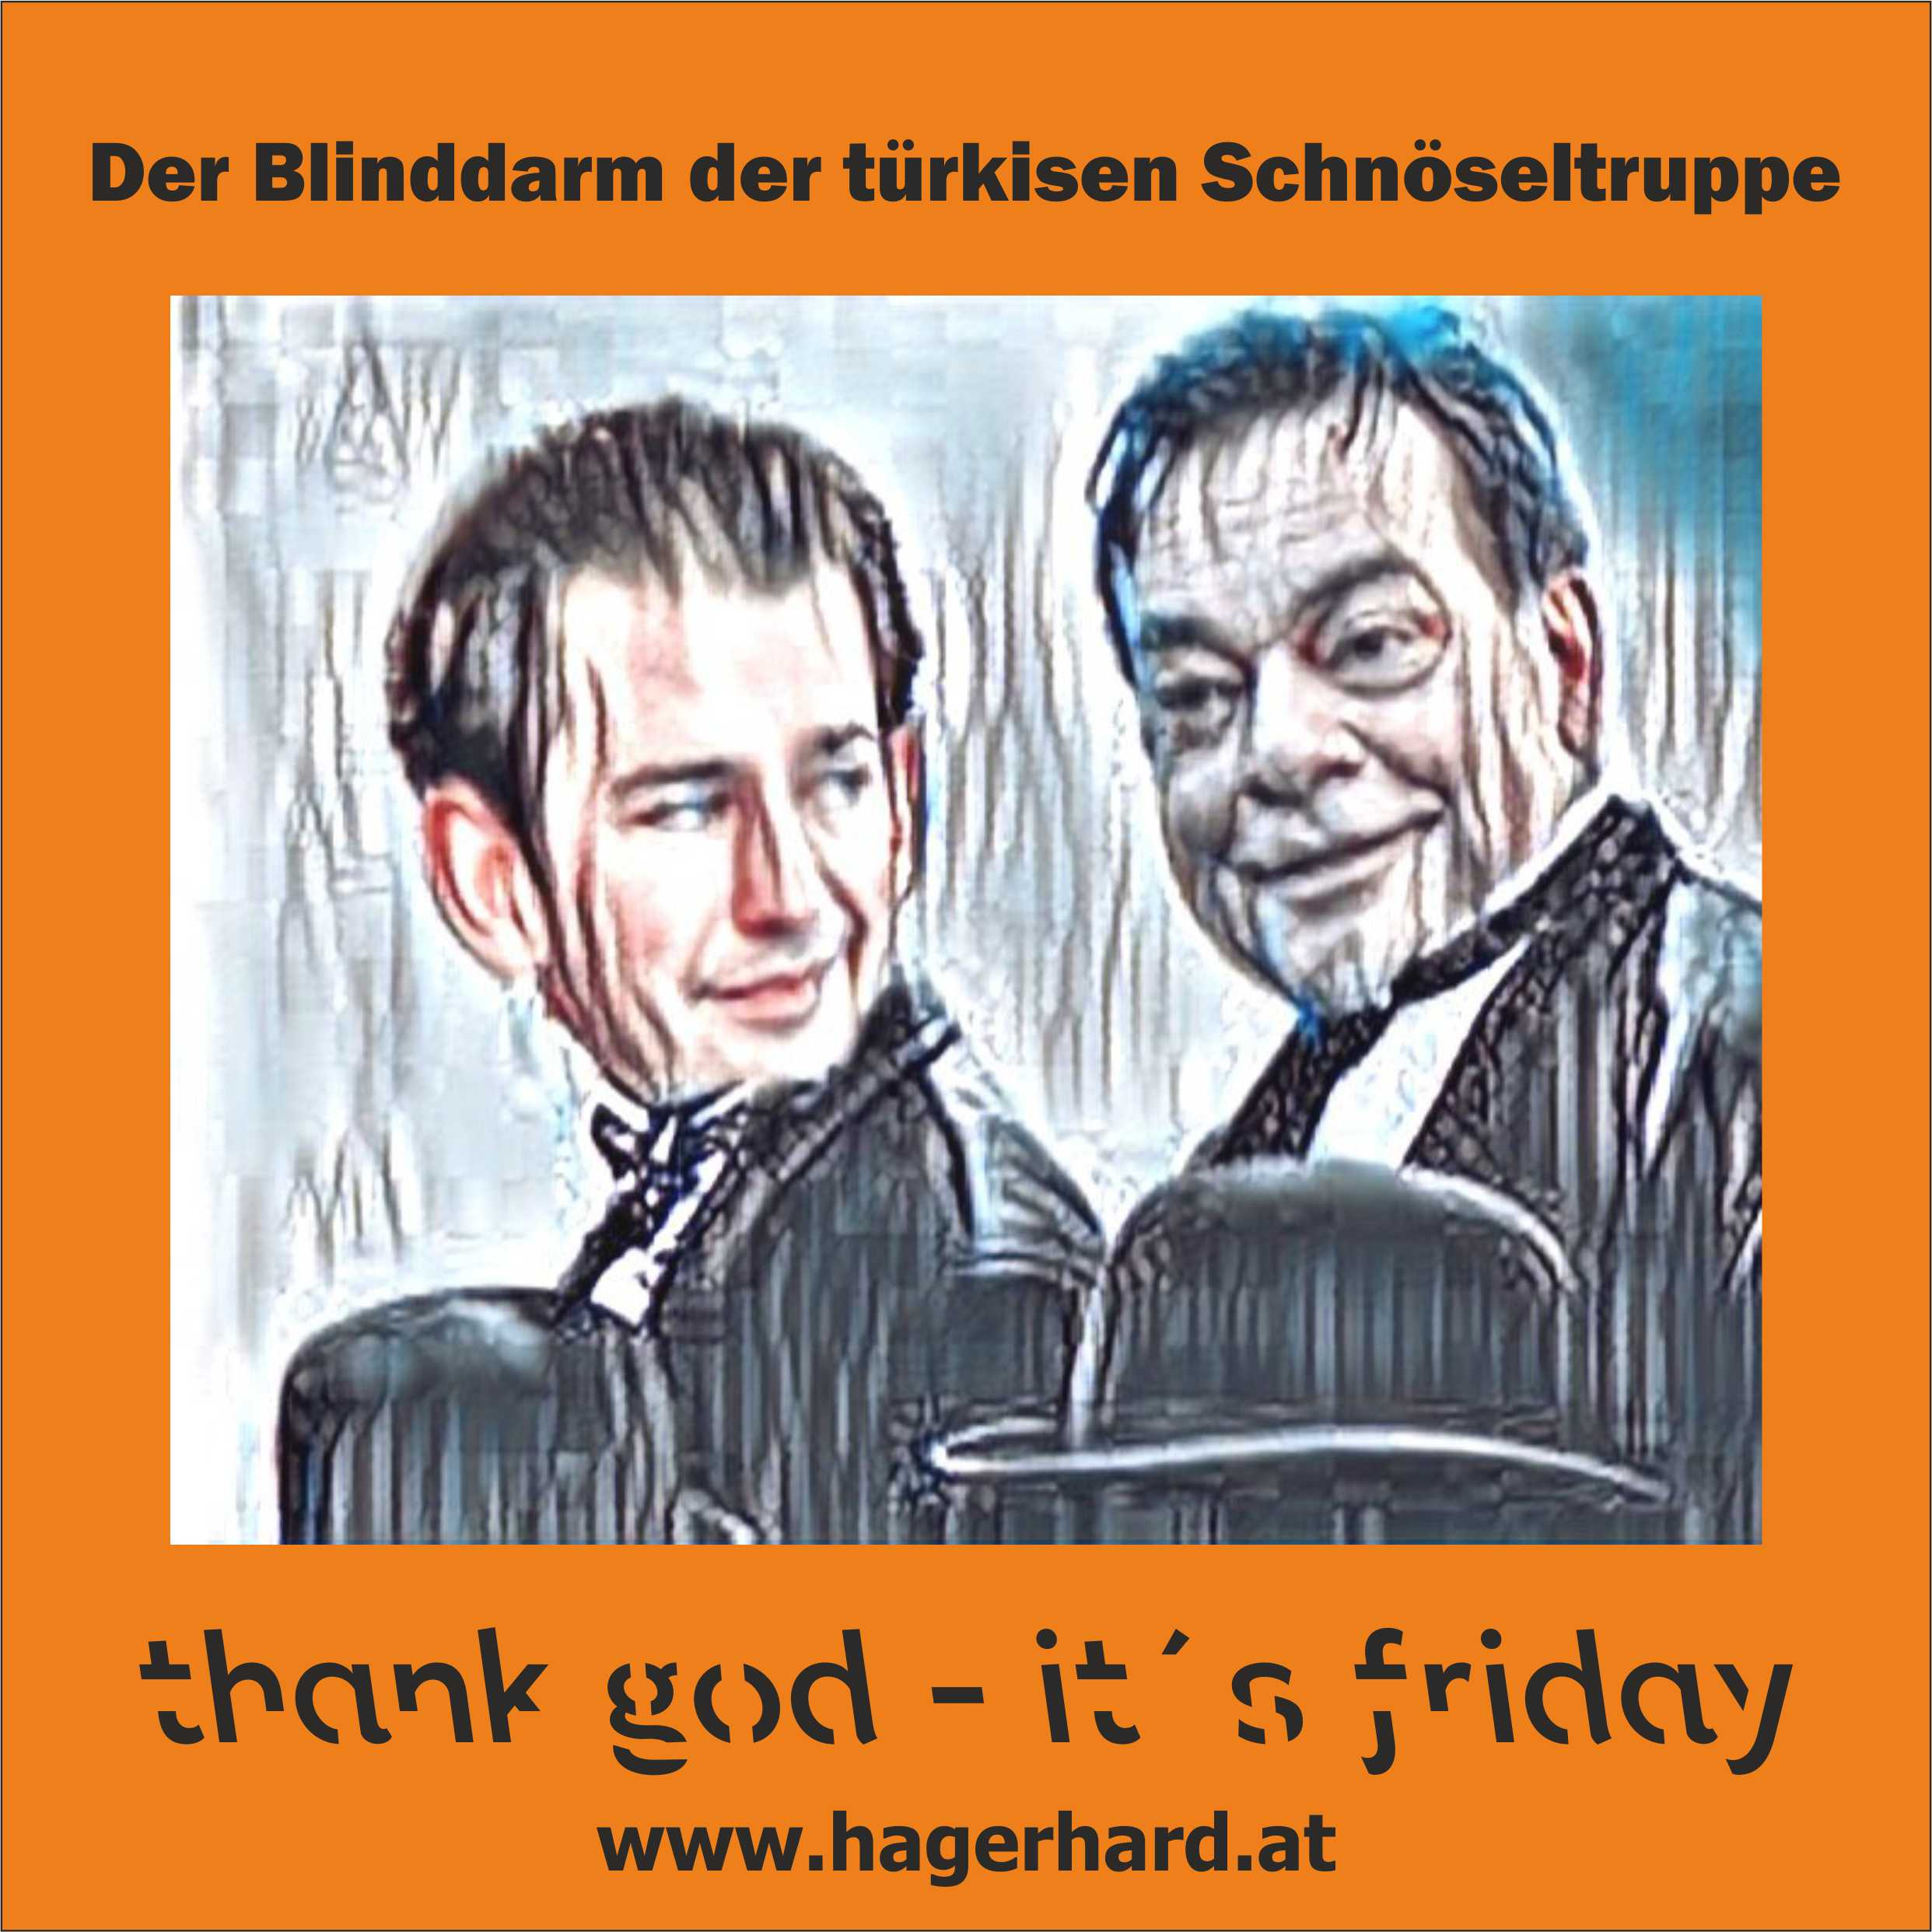 www.fischundfleisch.com